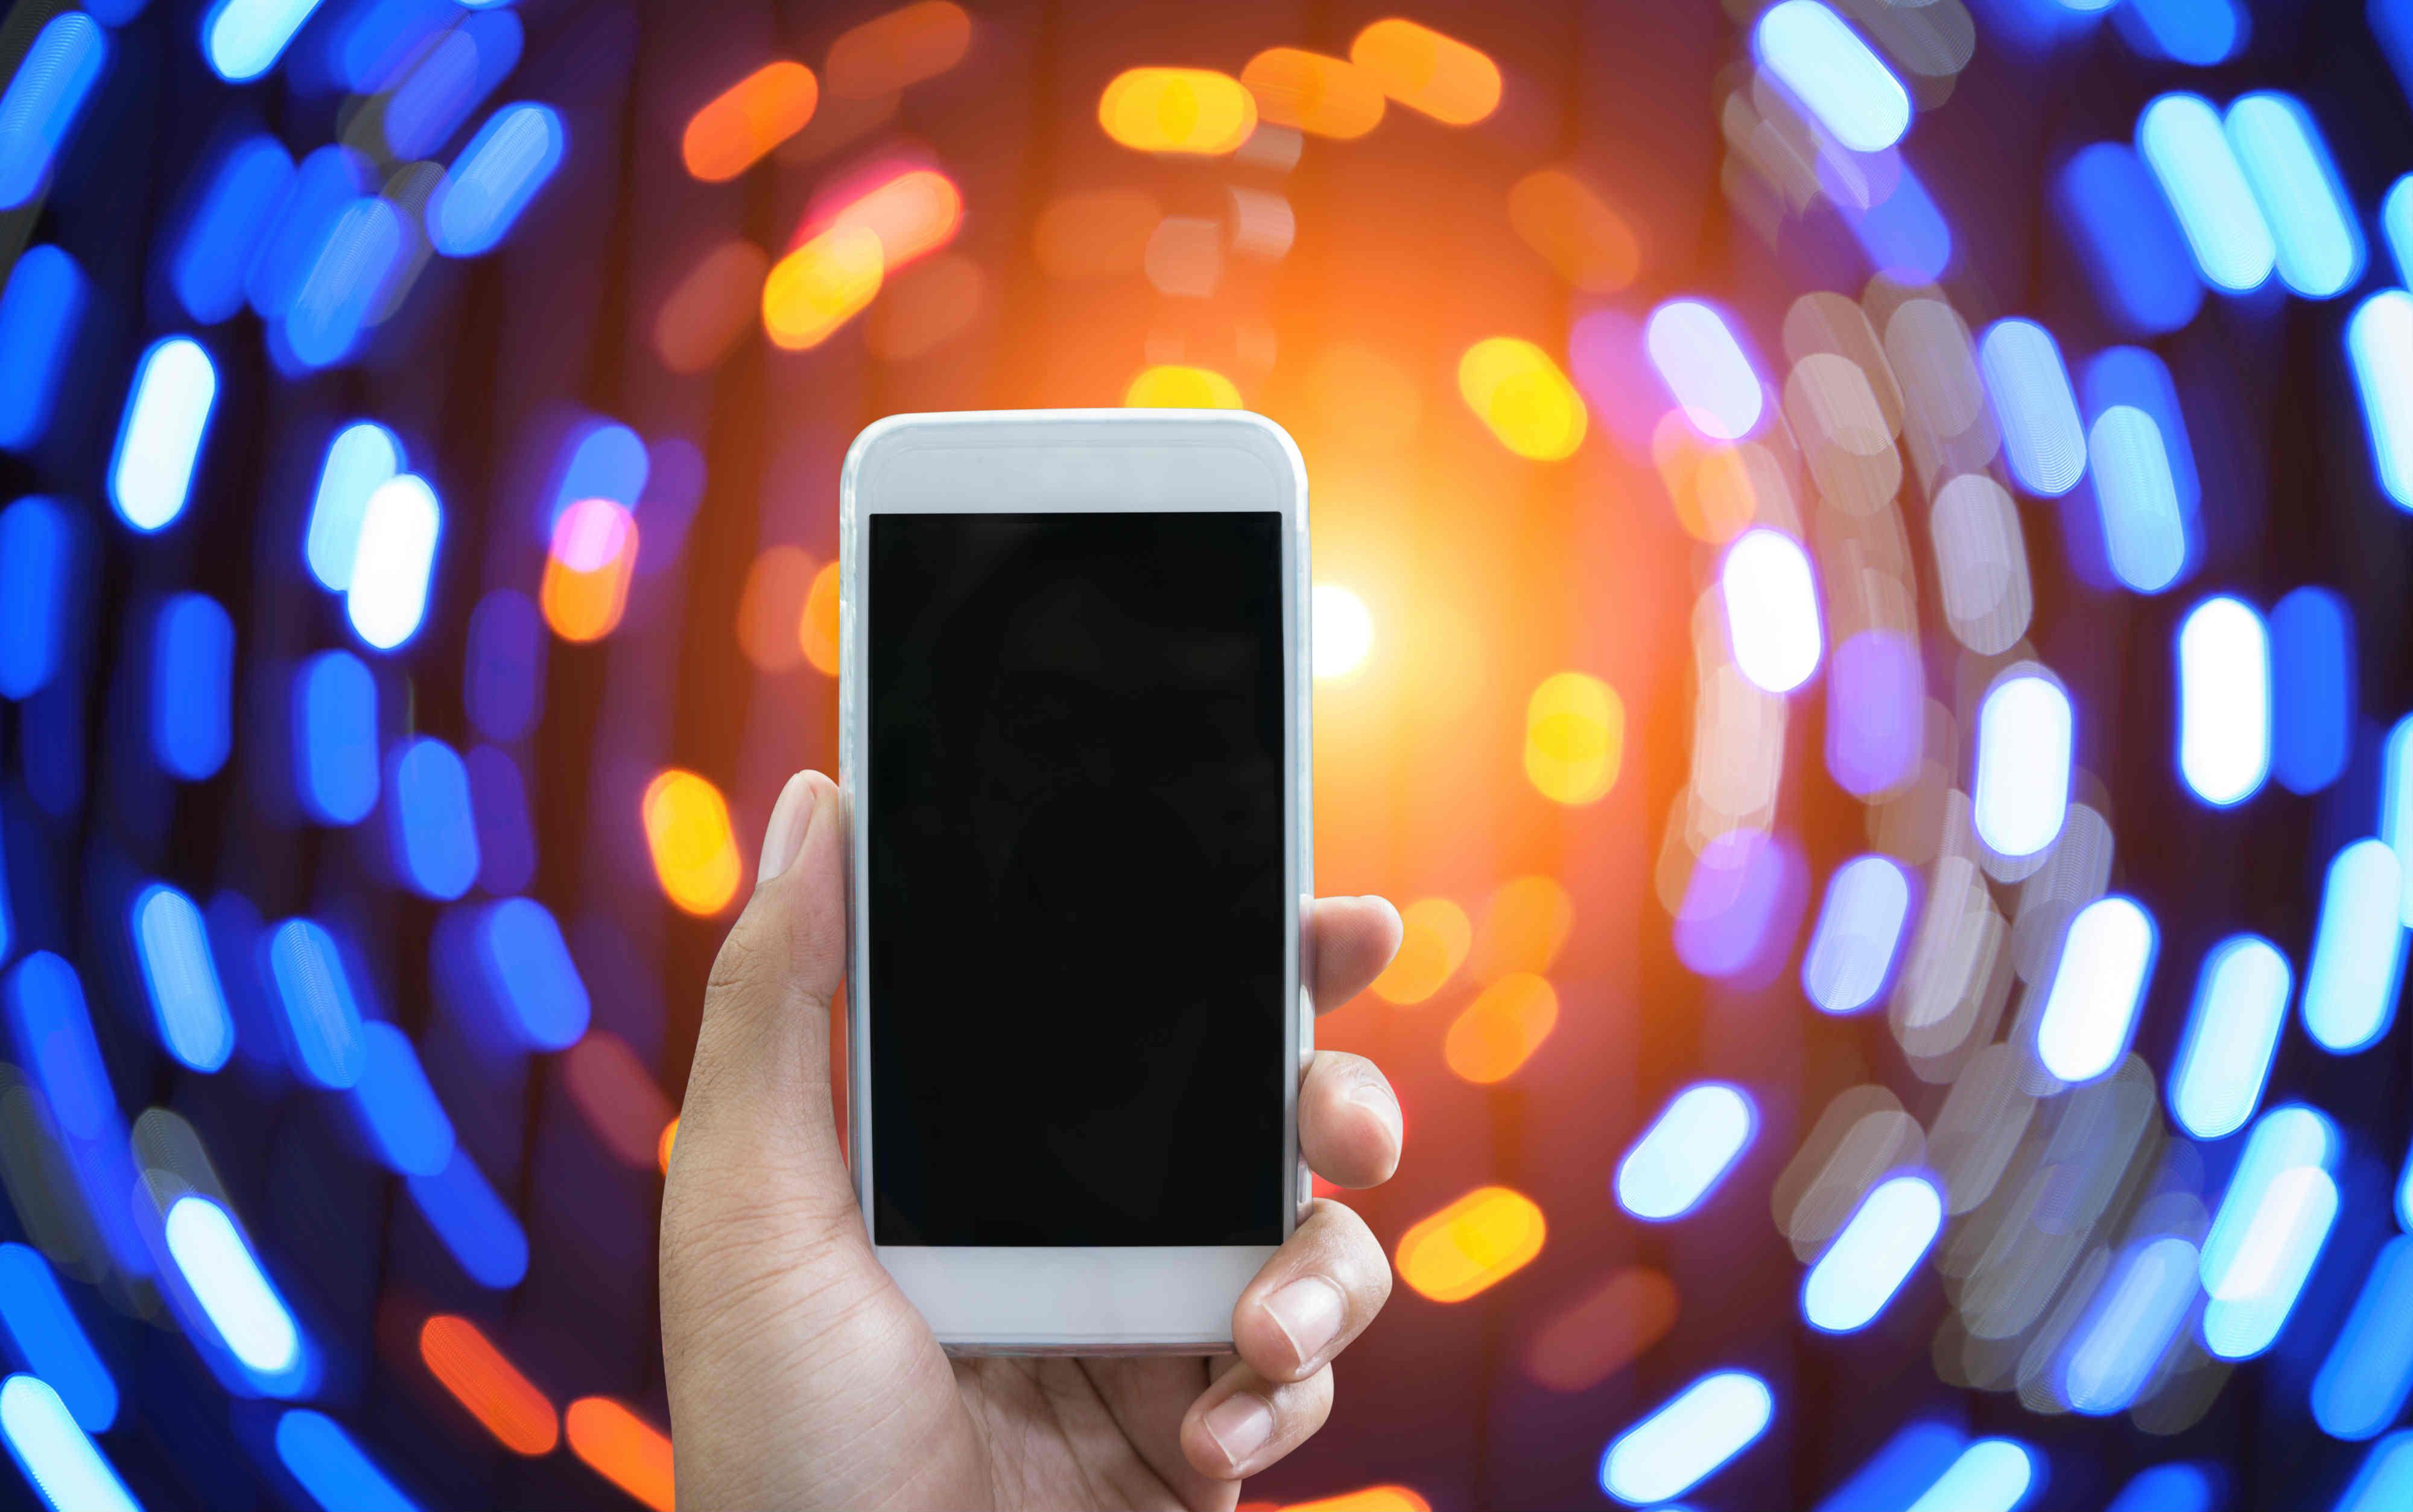 iPhoneに乗り換え(MNP)はどのキャリアがおすすめ?